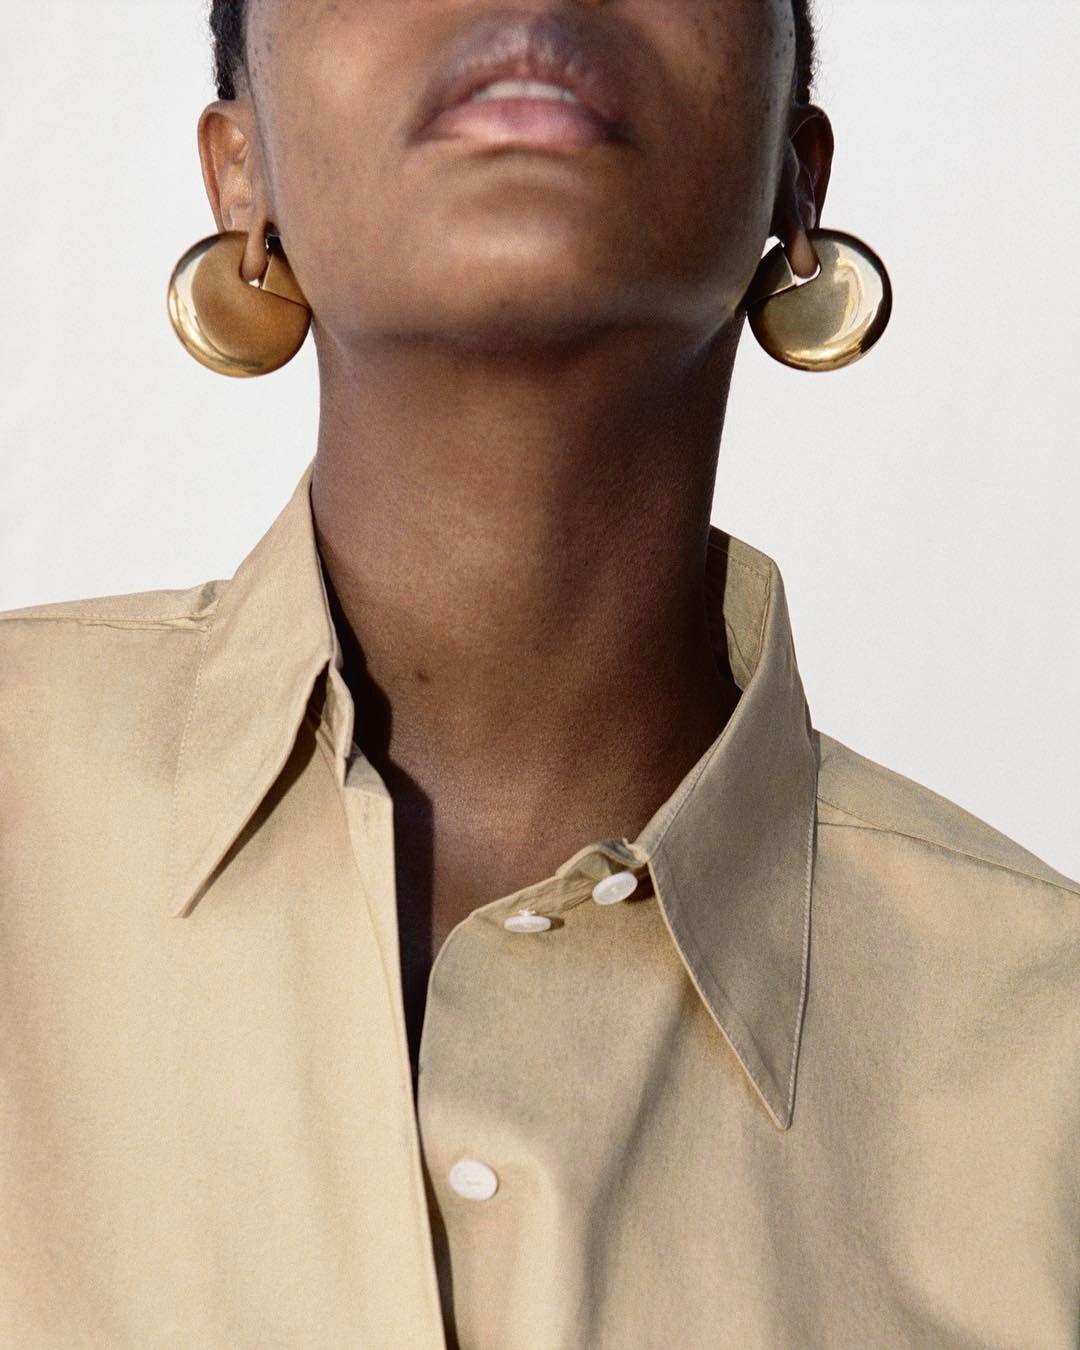 f60d91053 Celine Earrings · Editorial · Territory #CelineFall17 Pearl Jewelry,  Statement Jewelry, Indian Jewelry, Silver Jewelry, Silver